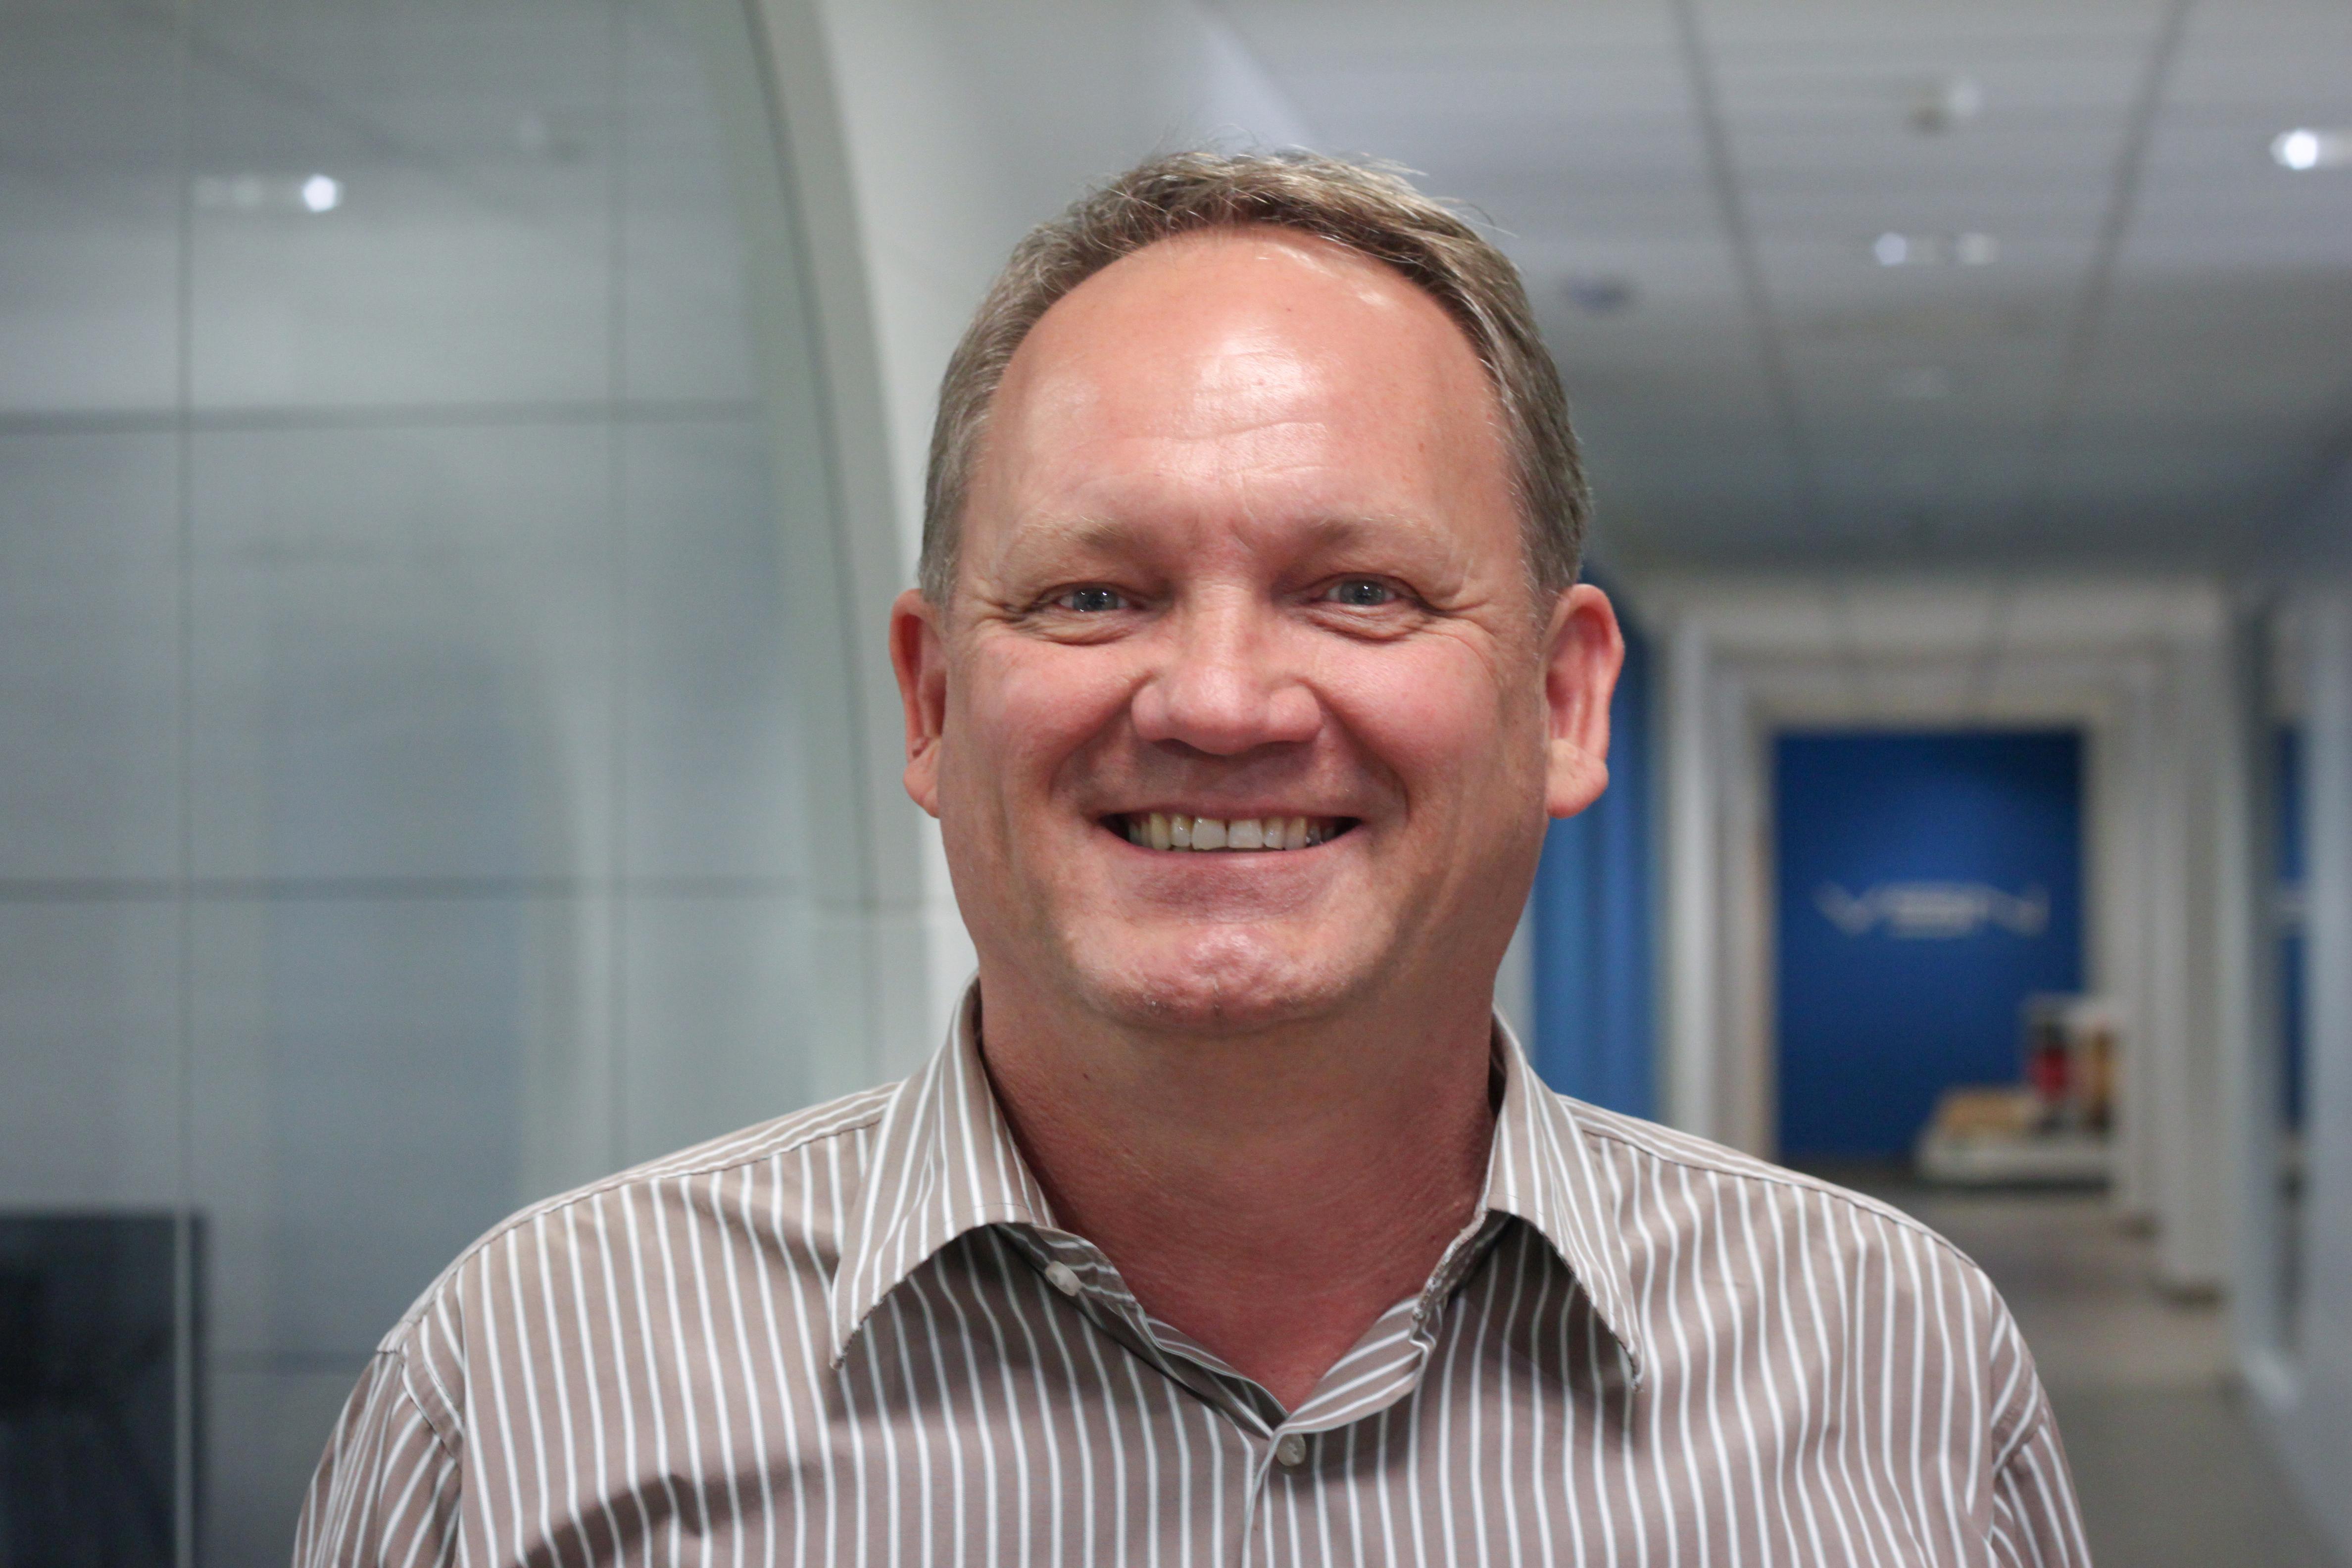 Nicholas Morgan, elegido nuevo miembro del Consejo de APAC de IABM